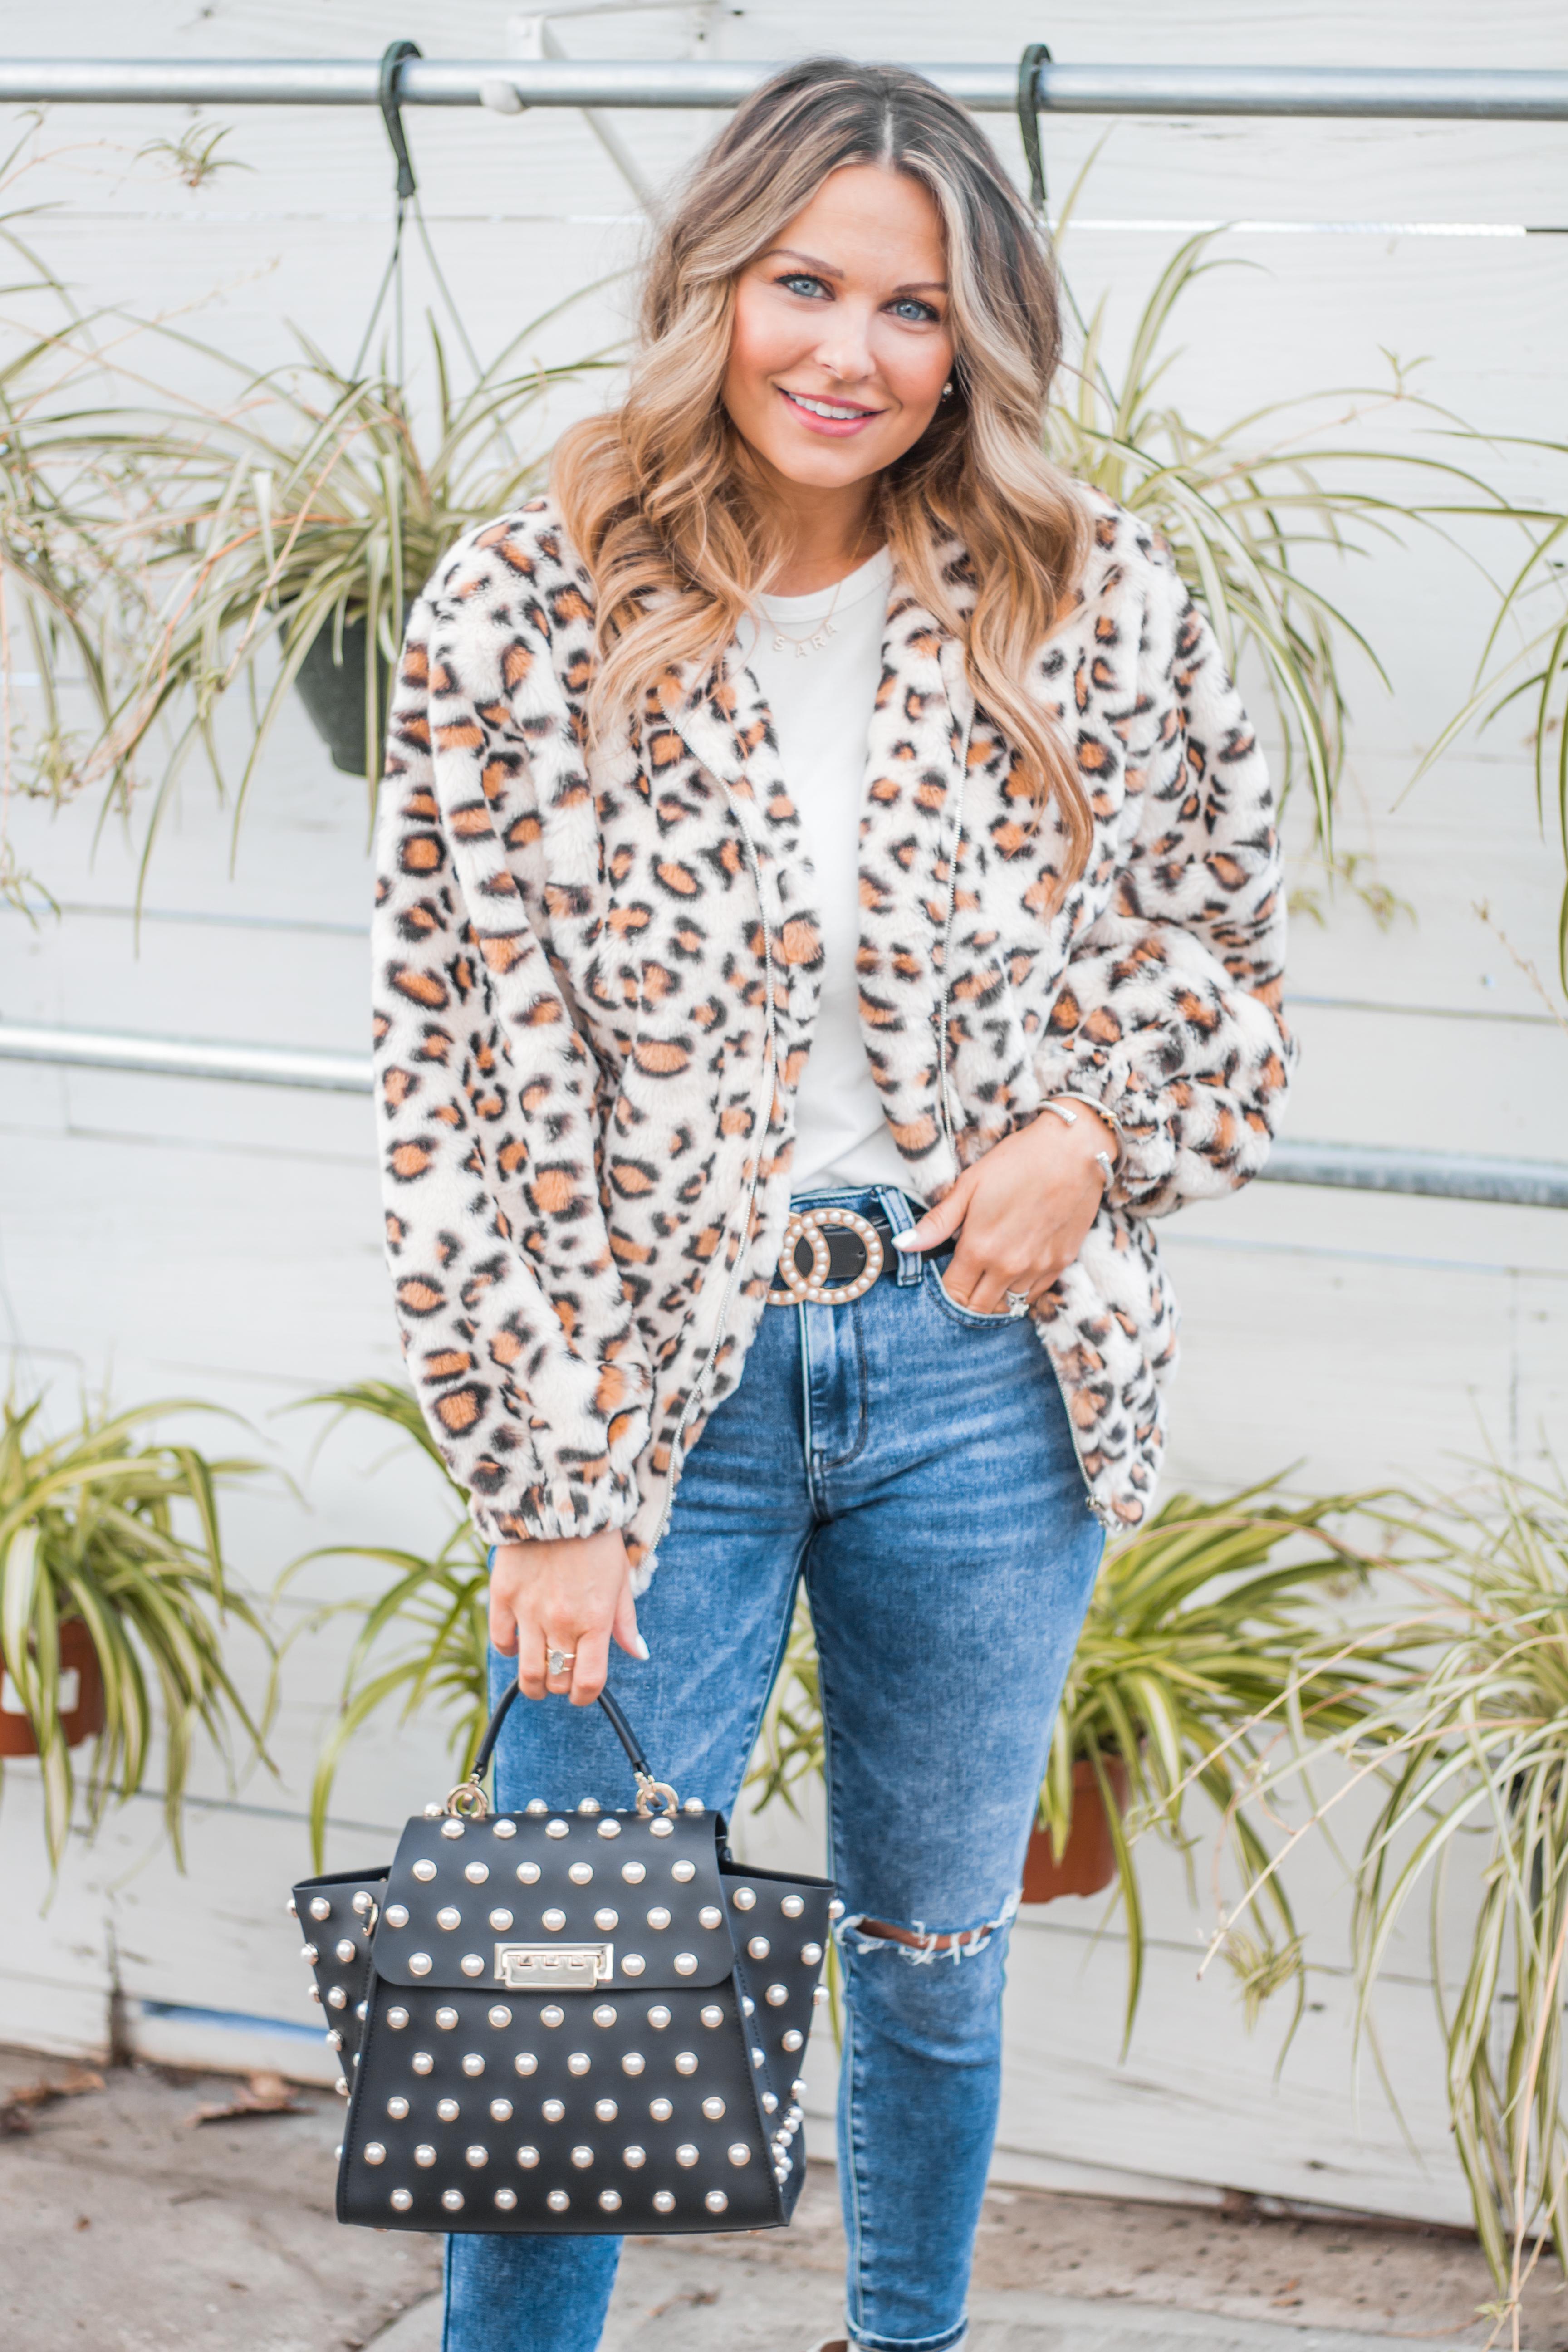 Women's Fashion - White Boots - Leopard Jacket - Spring Fashion - Winter Fashion - Zac Posen Eartha - Outfit Inspo - OOTD - 6